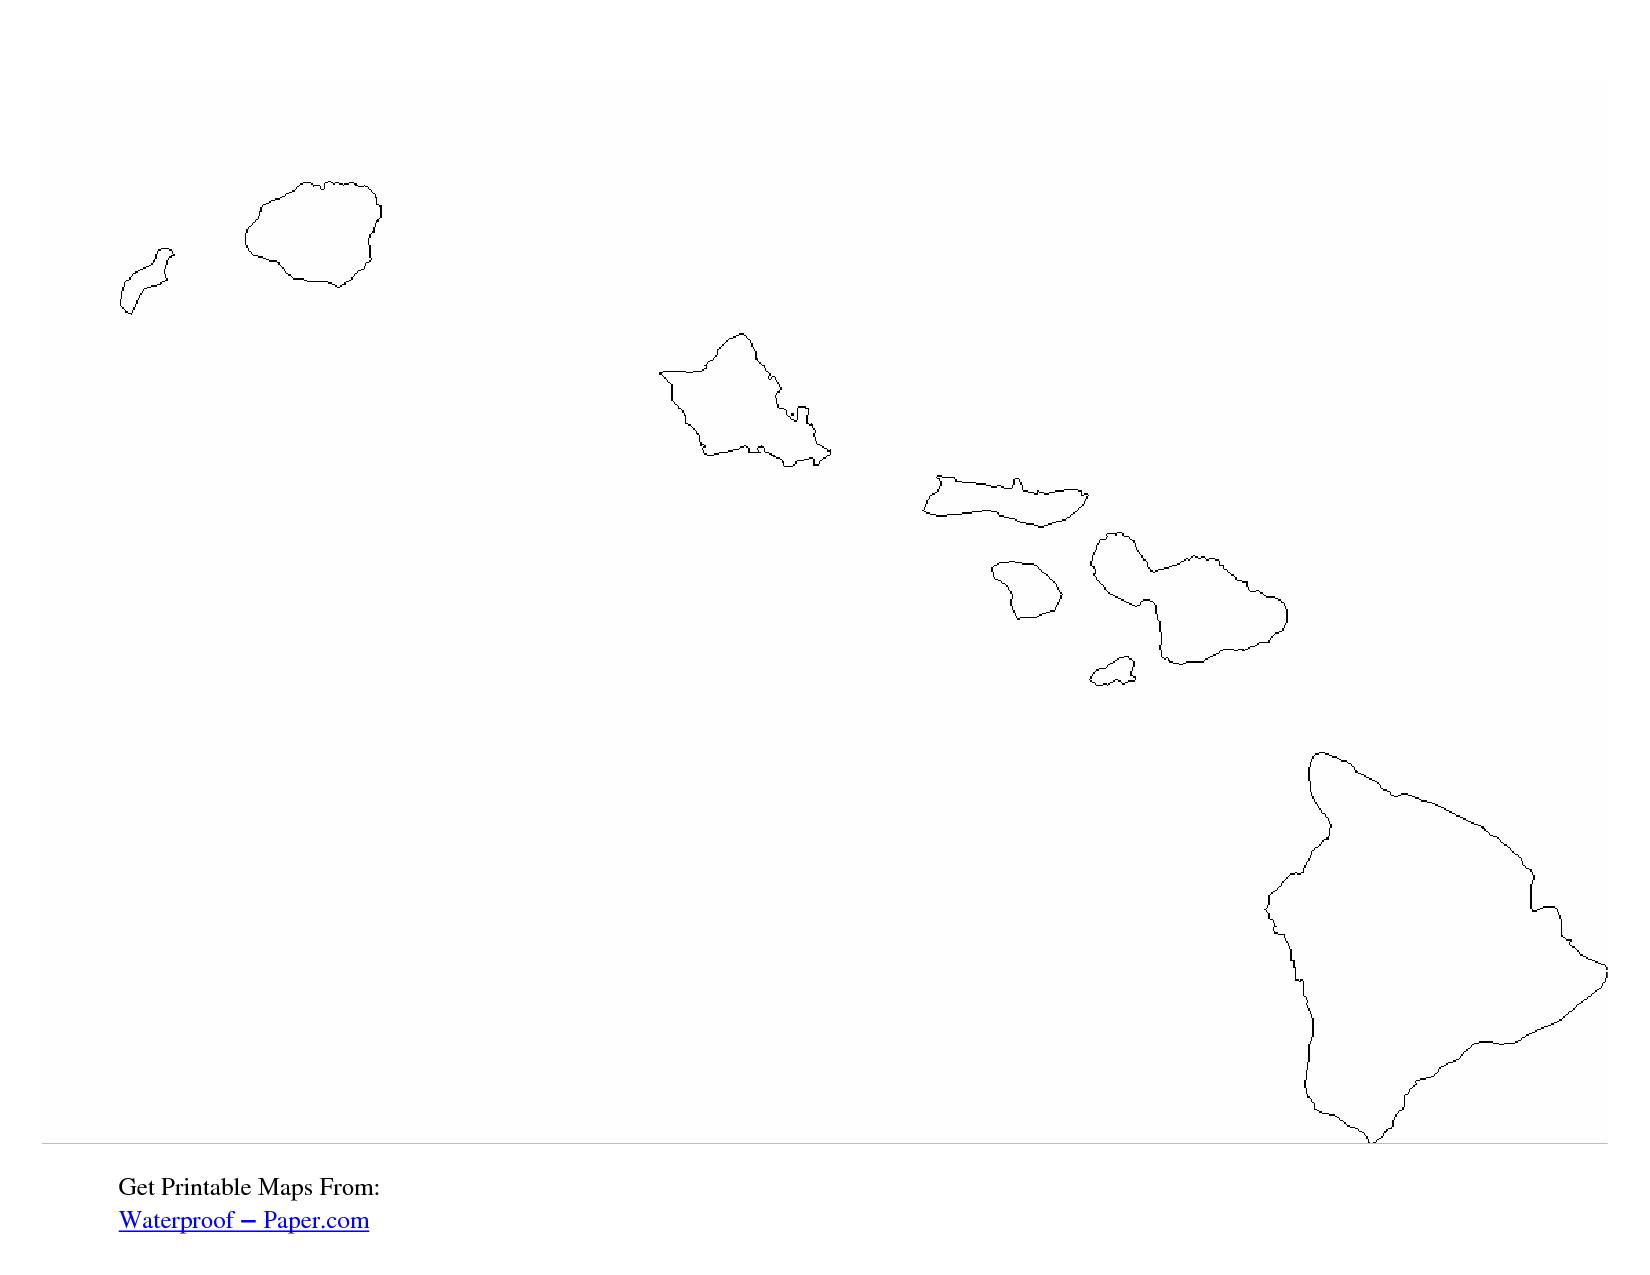 Hawaiian Islands Map Printable  Printable Maps